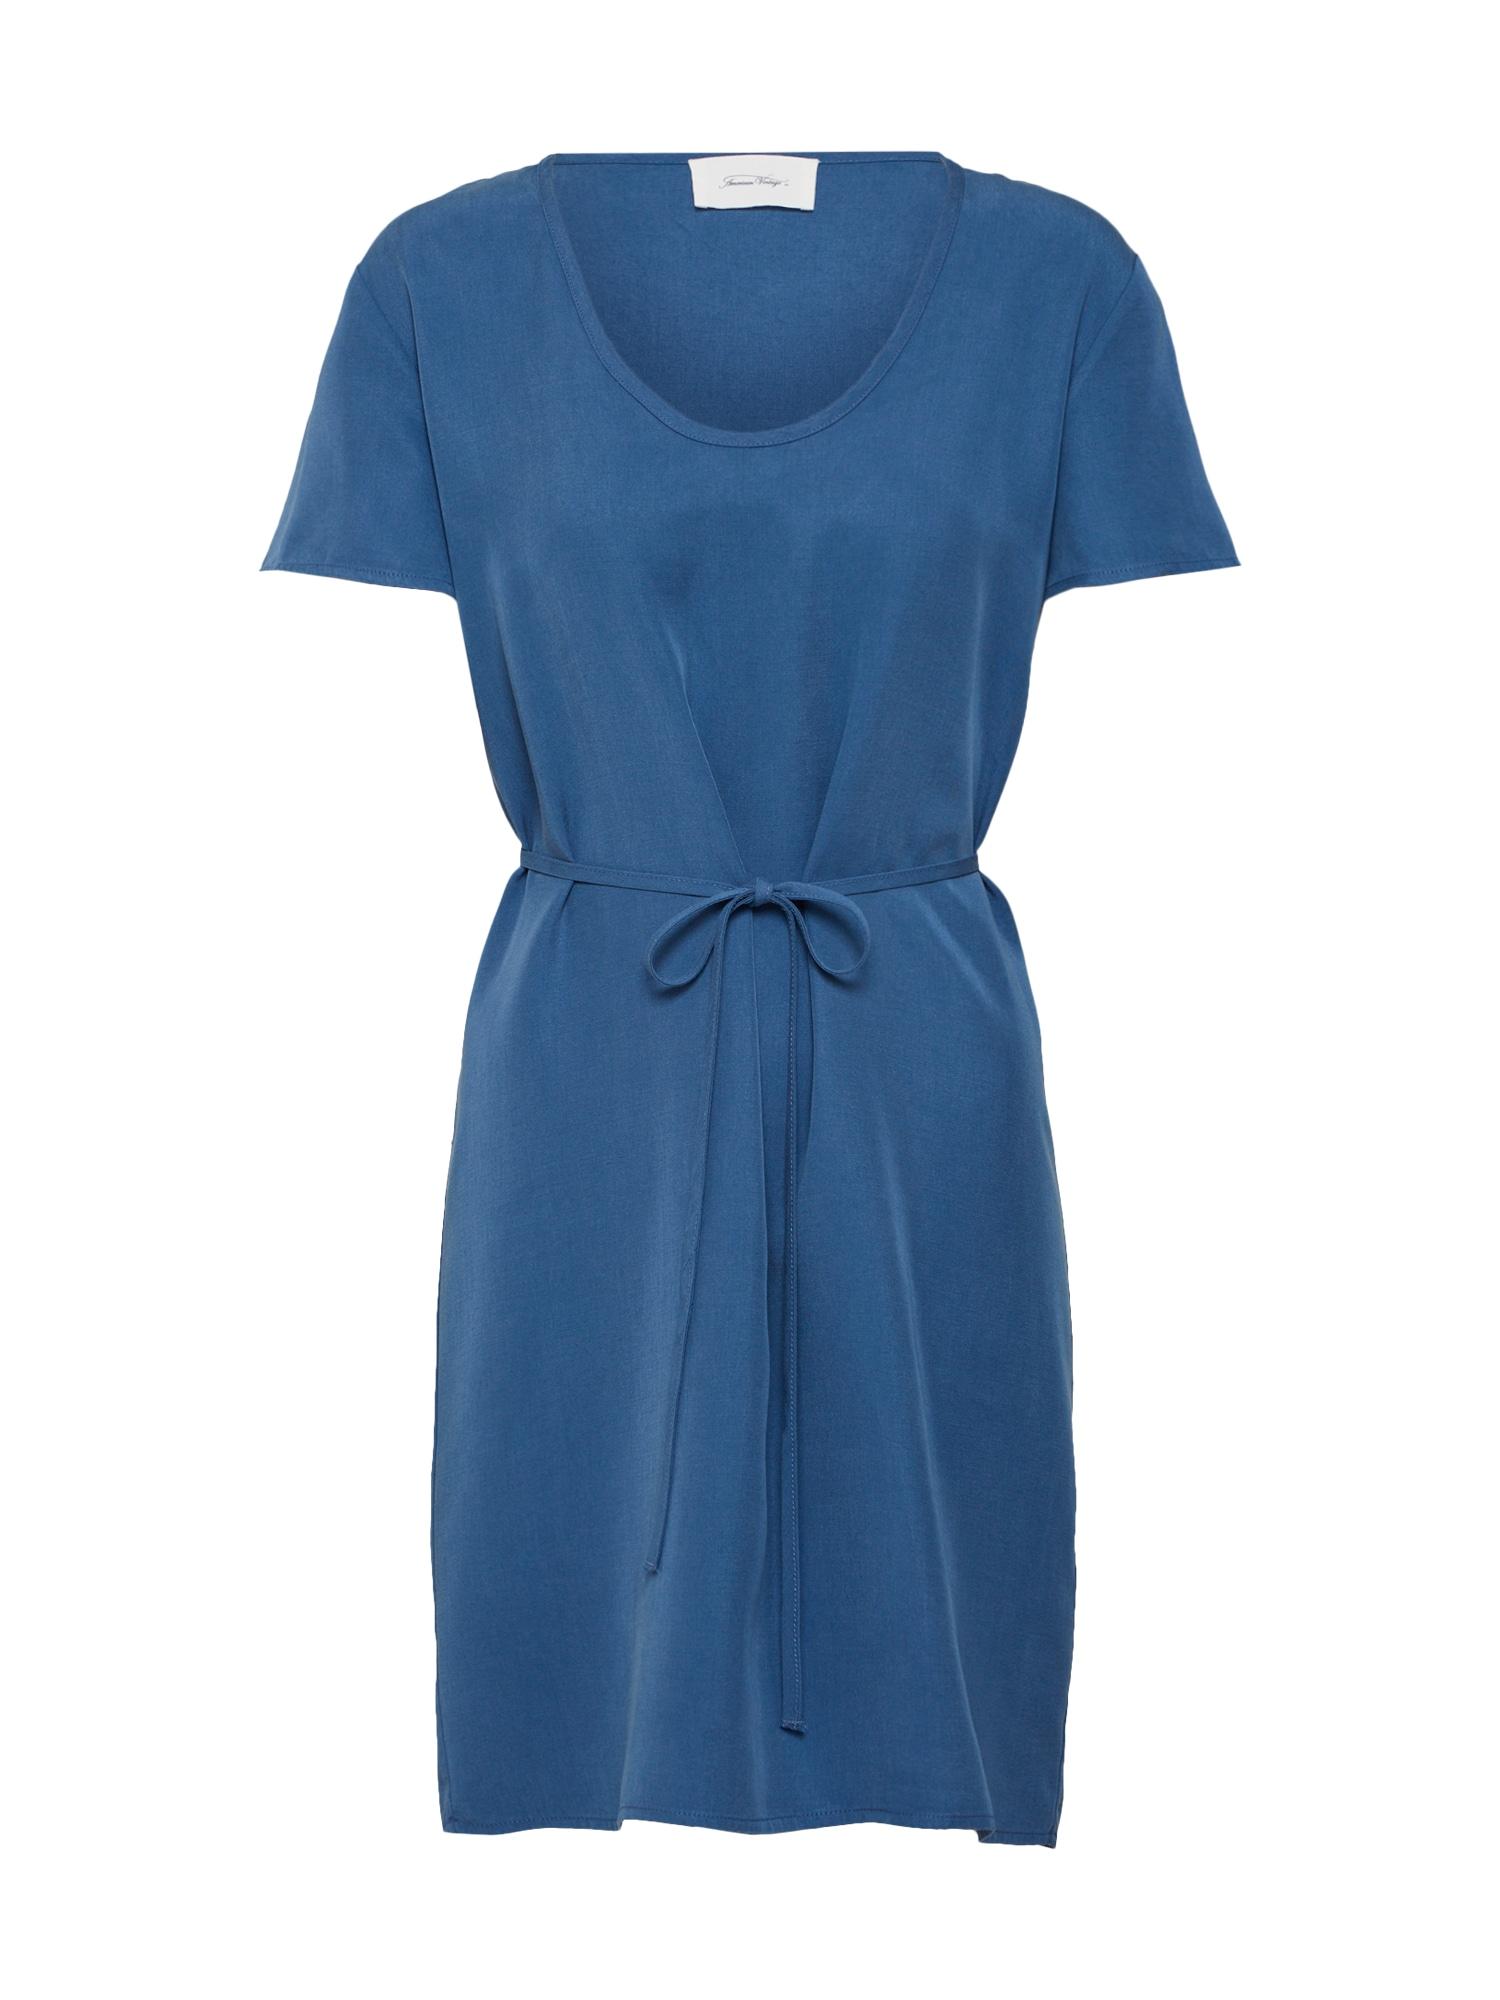 Šaty Nalastate modrá AMERICAN VINTAGE